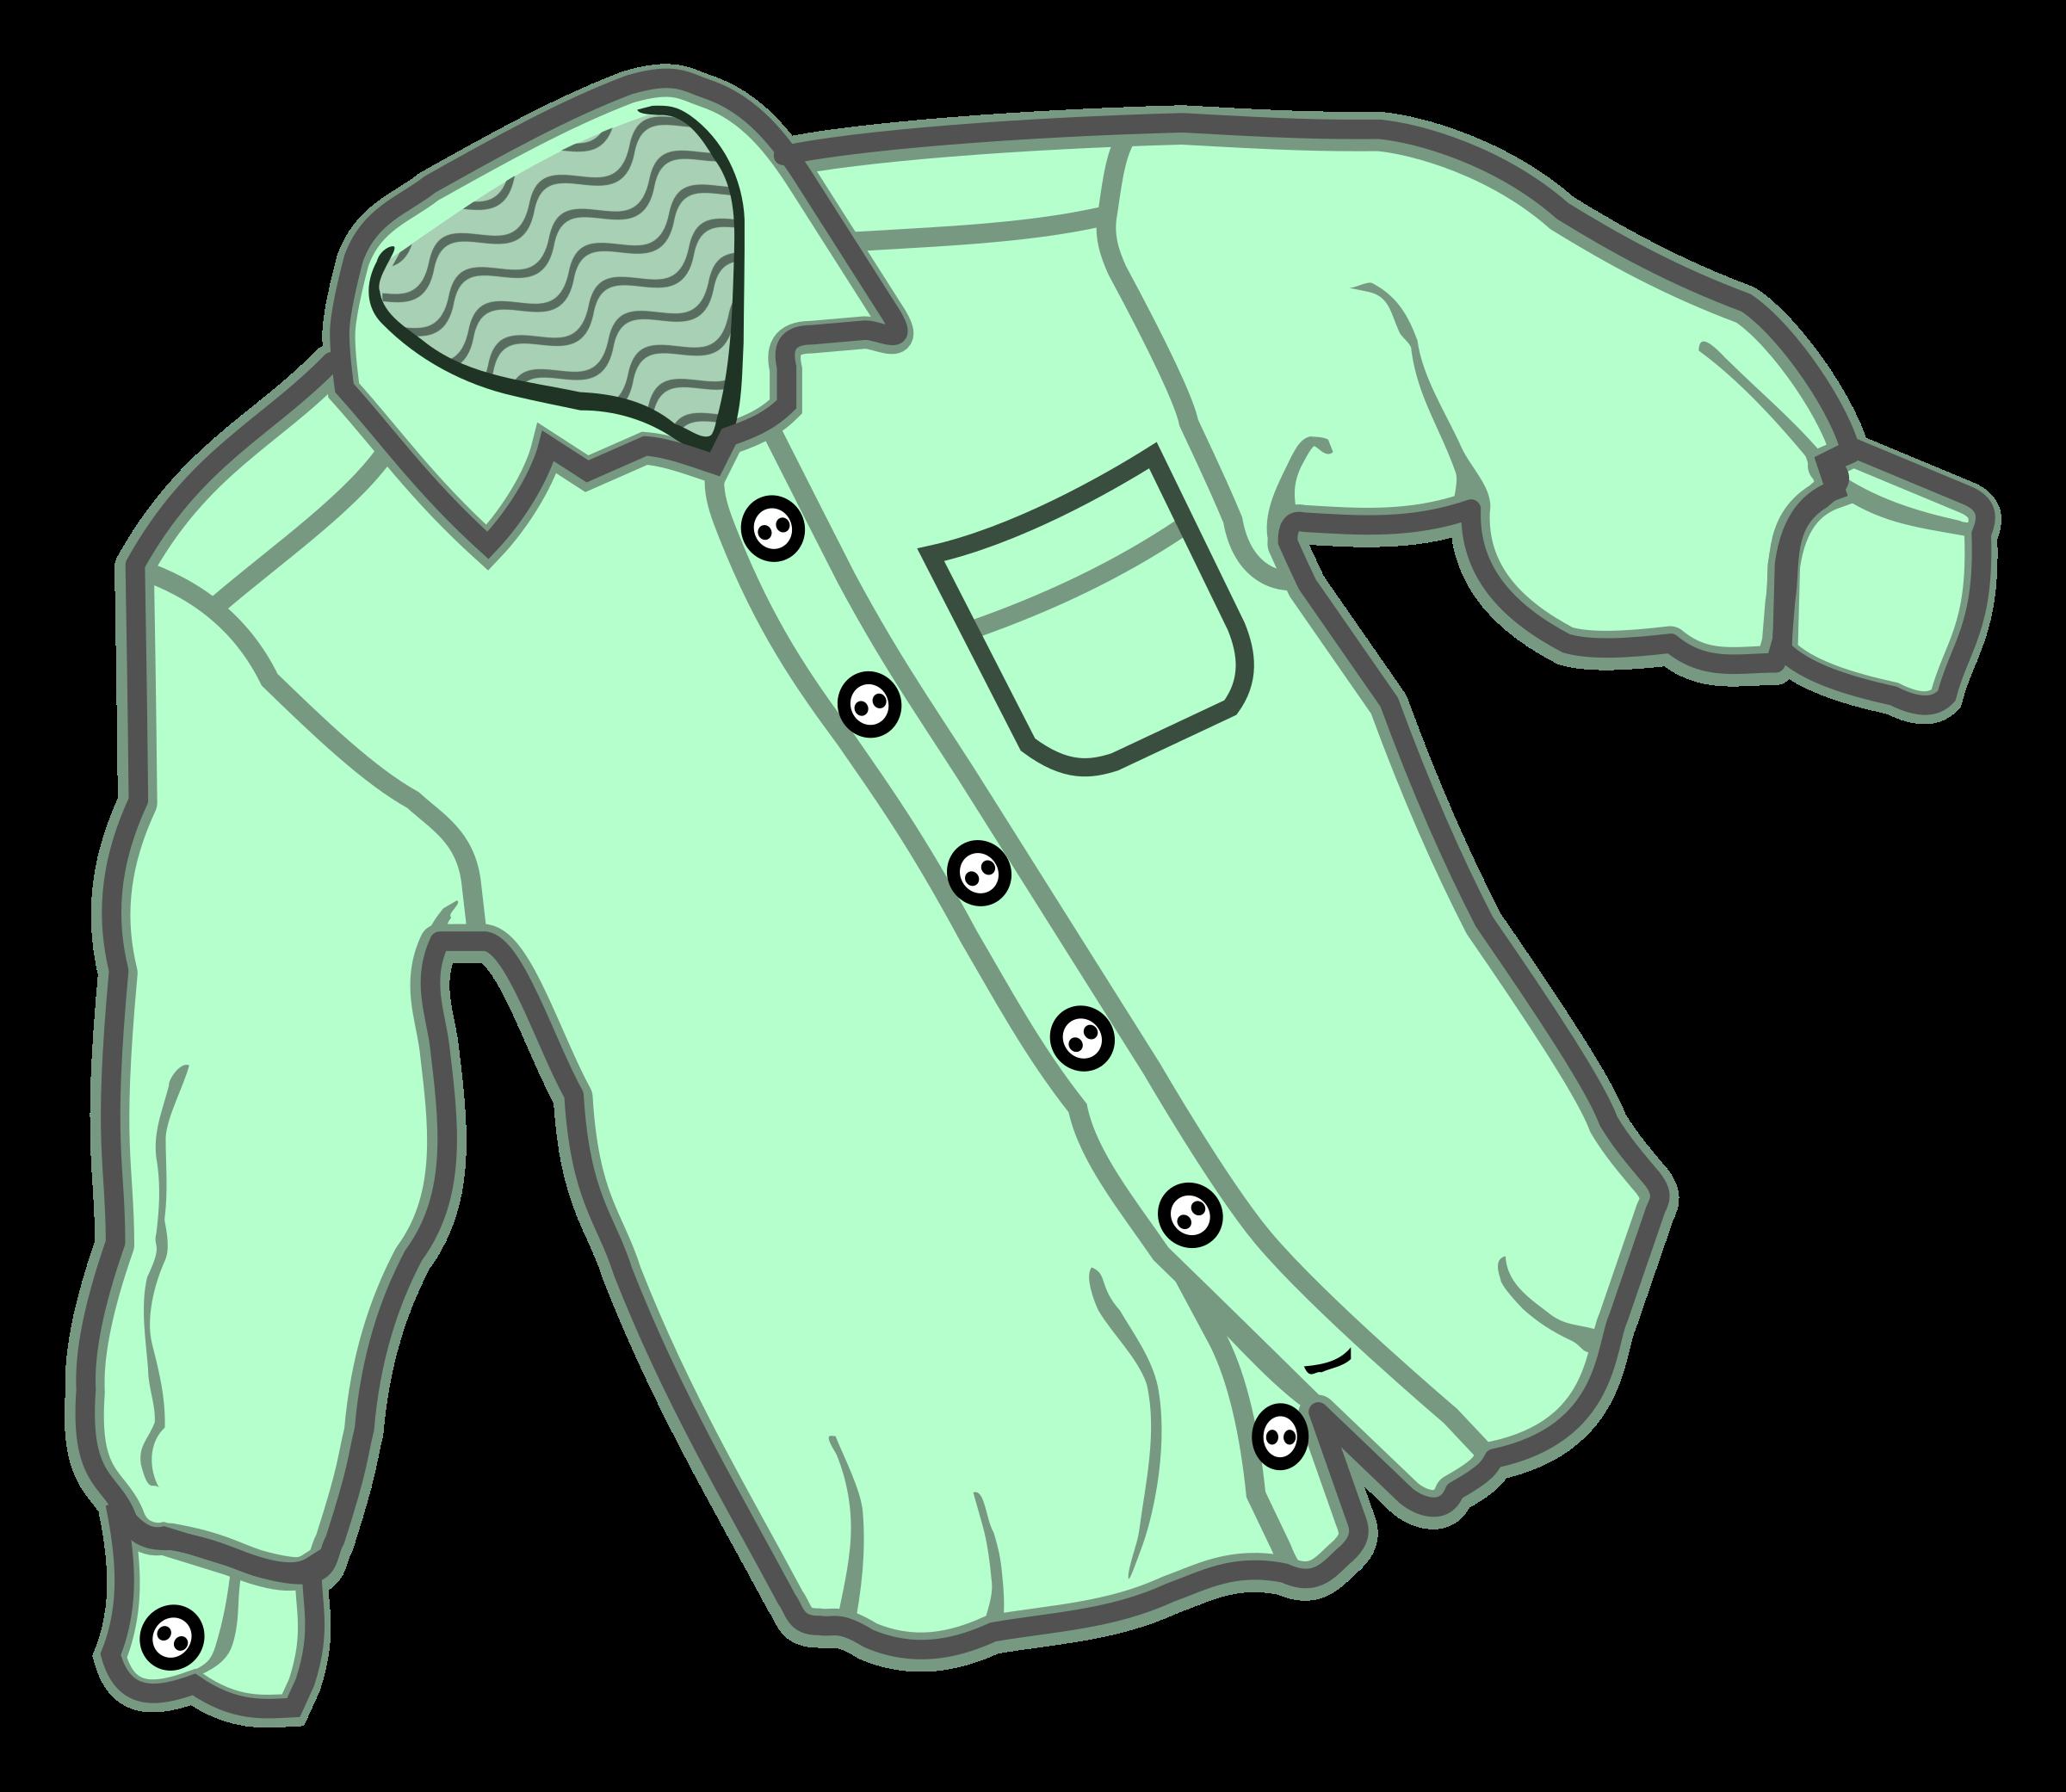 Shirt clipart #14